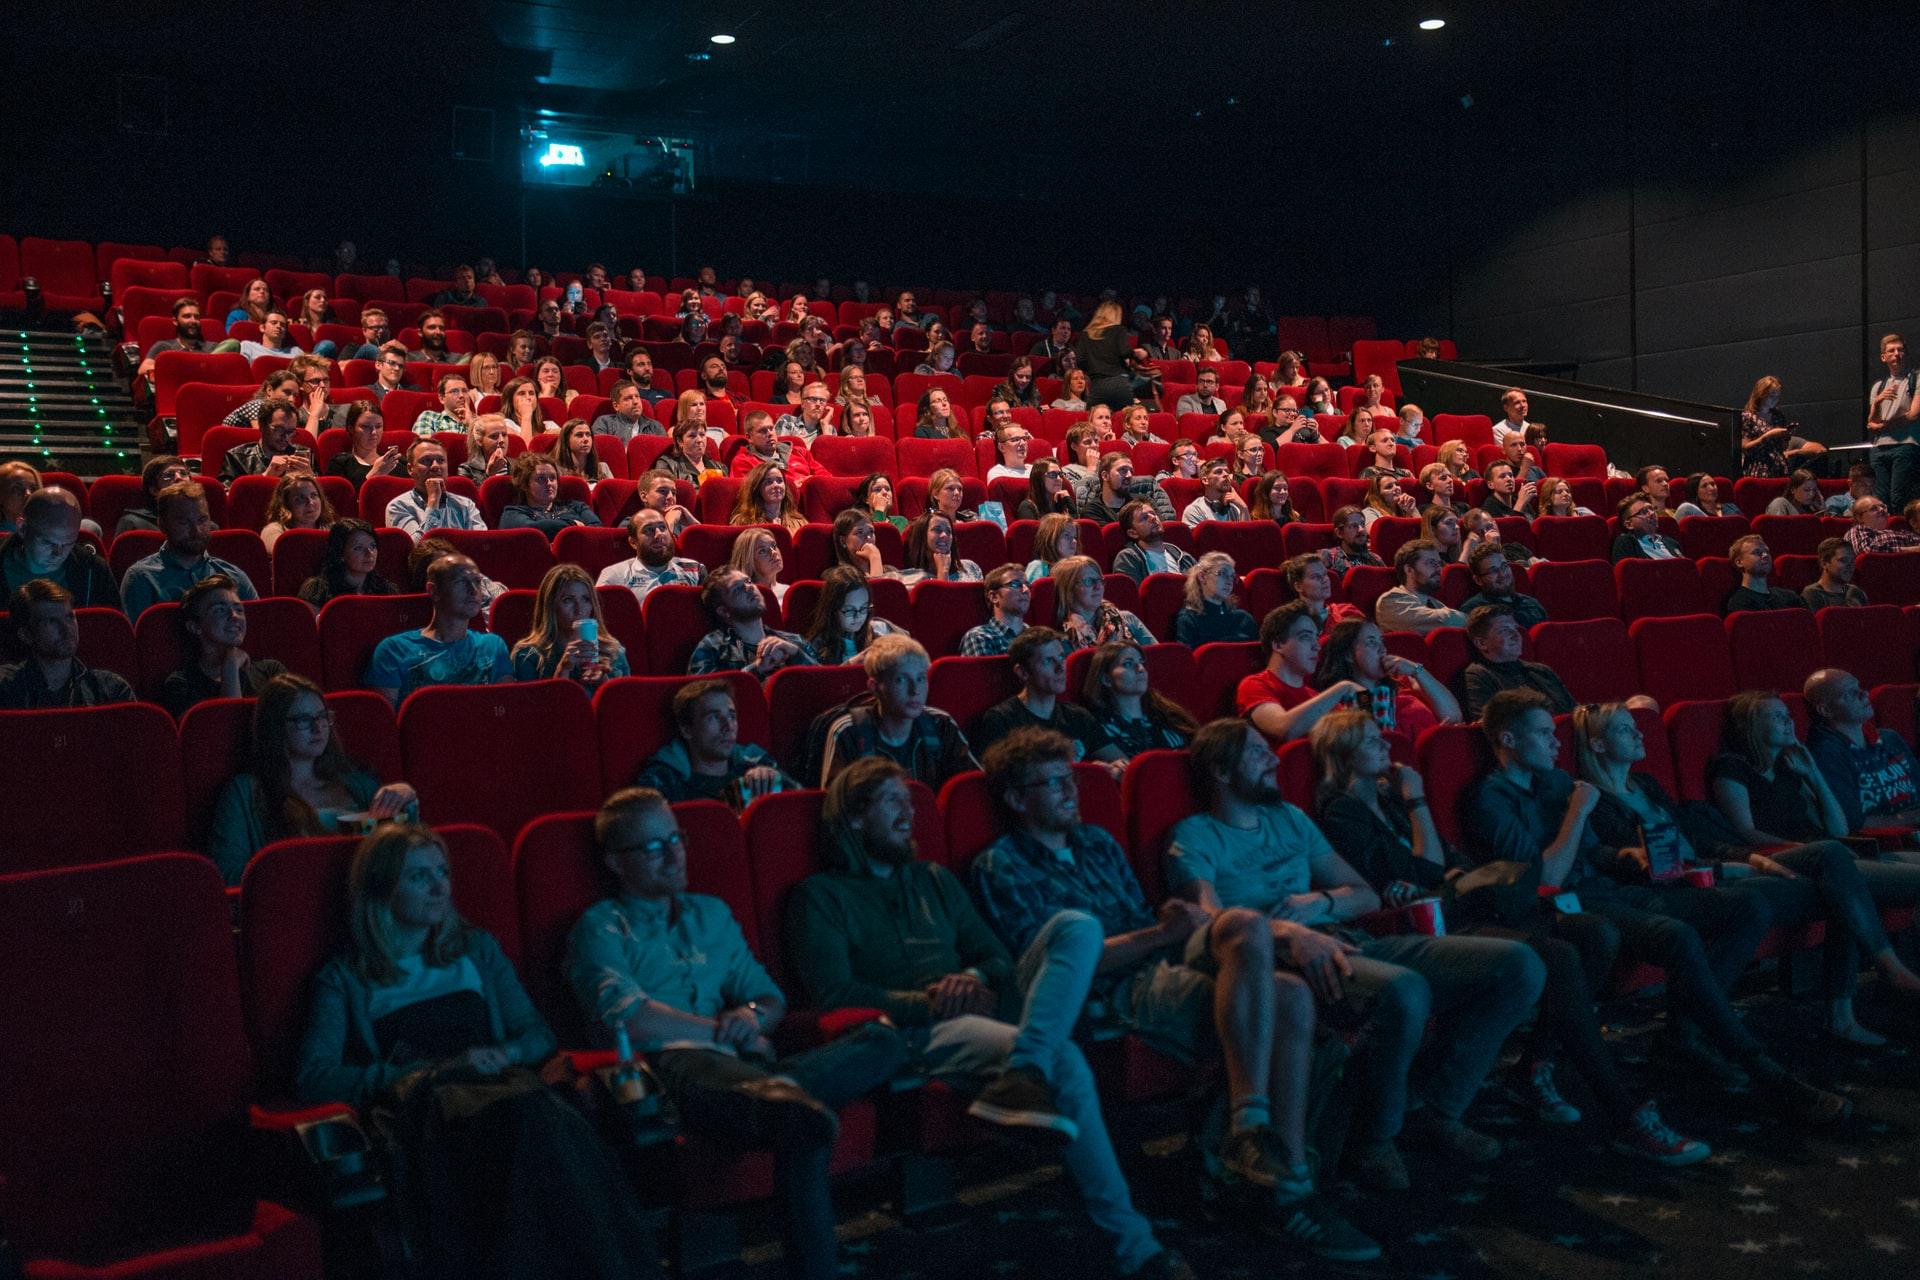 映画館で映画を観る観客たち